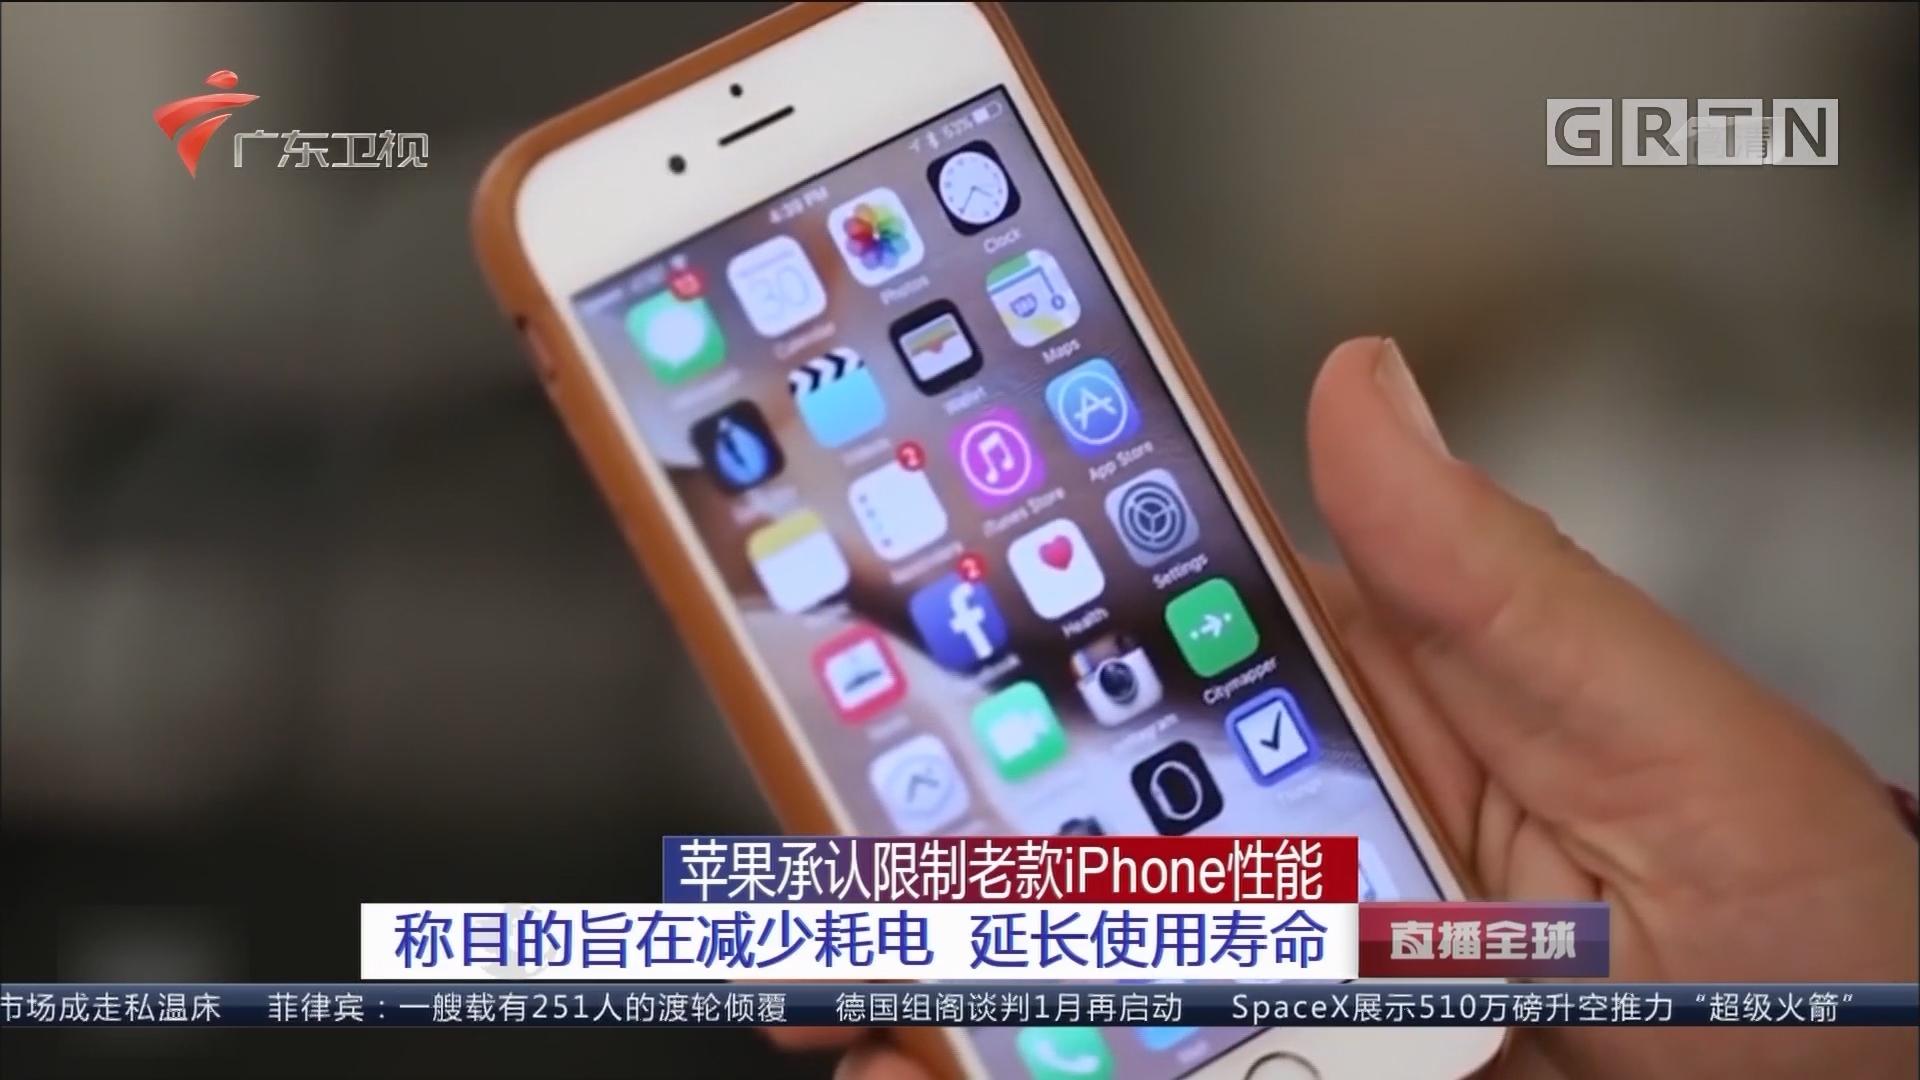 苹果承认限制老款iPhone性能:称目的旨在减少耗电 延长使用寿命